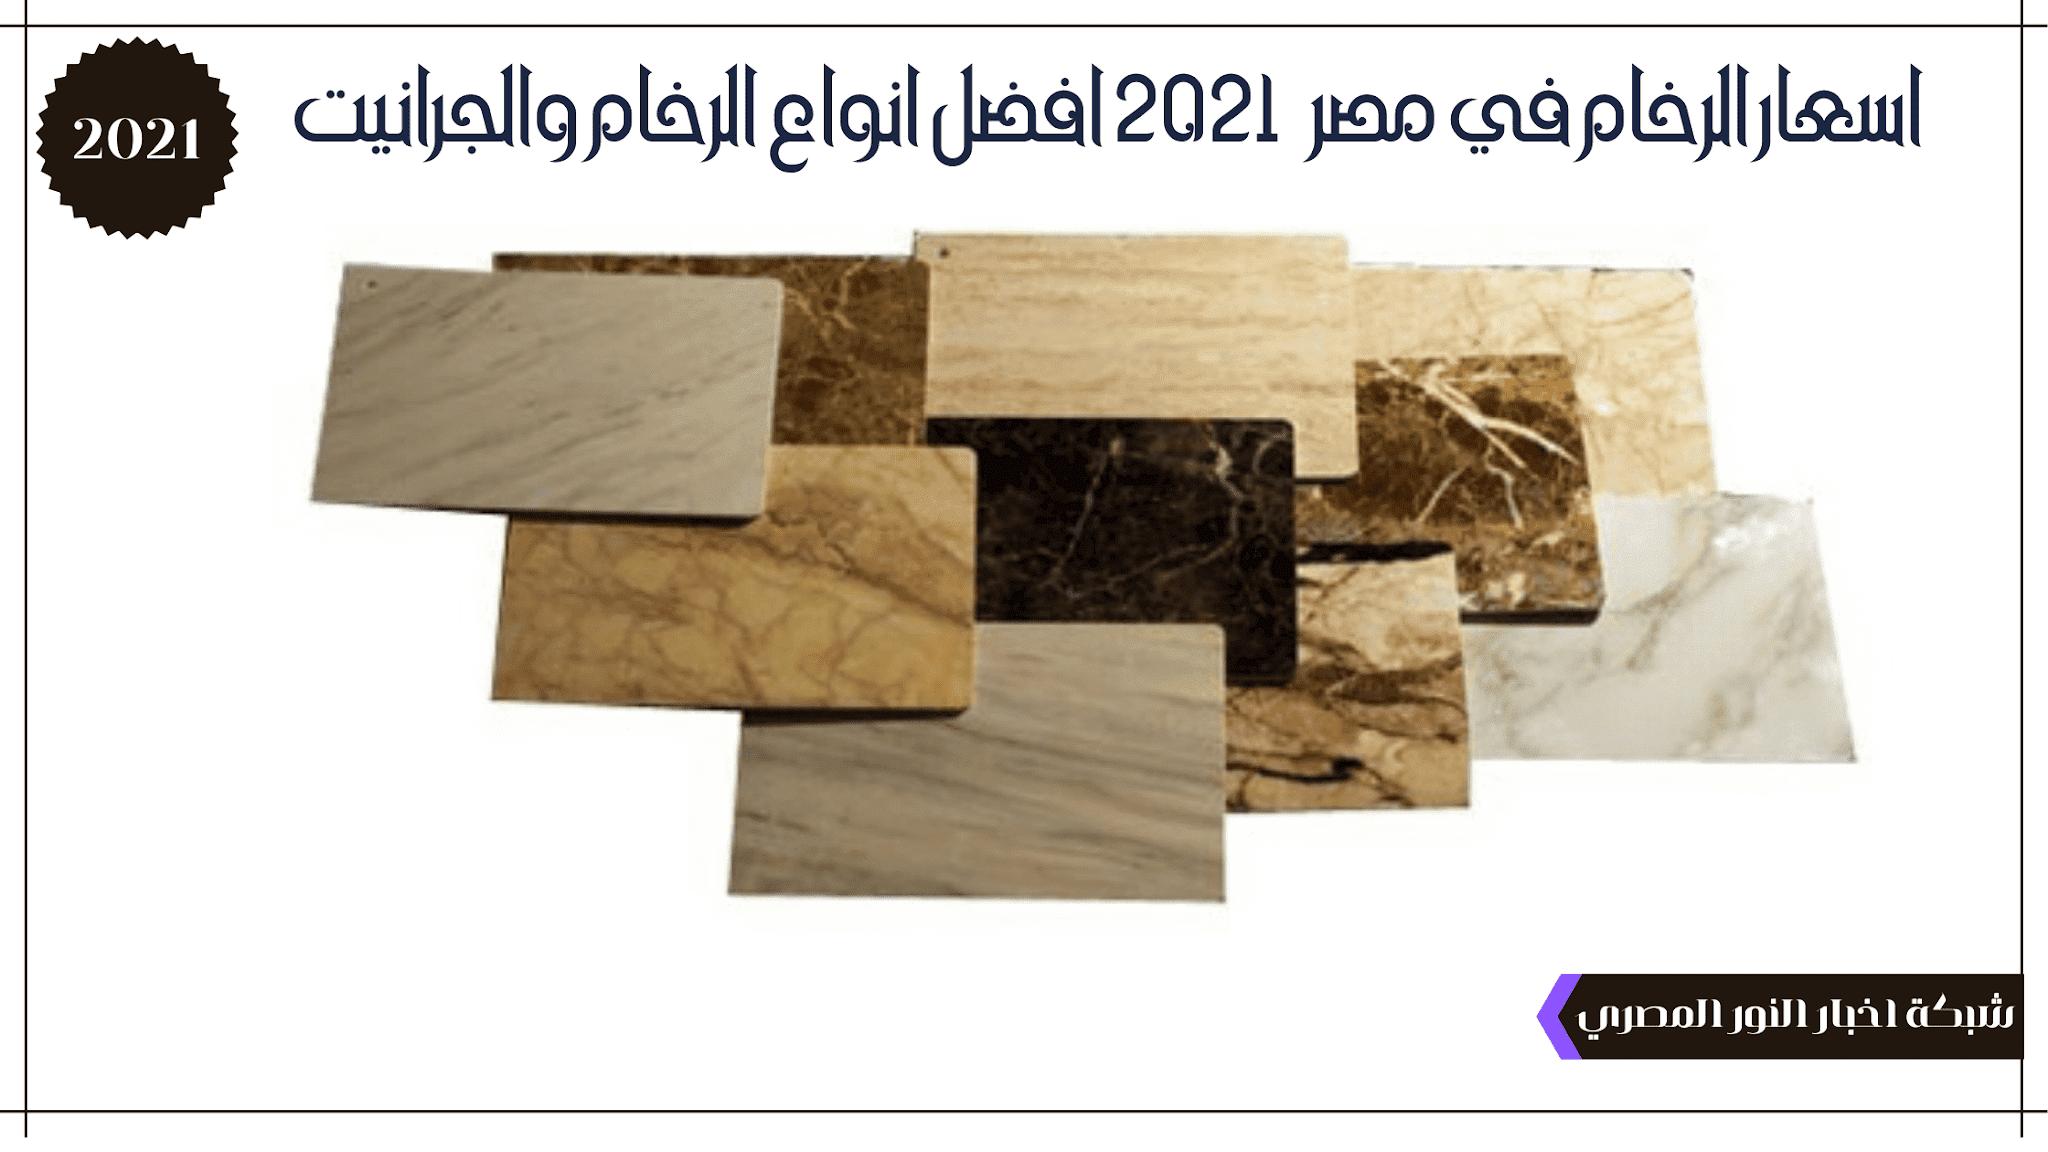 تحديث يومى.. اسعار الرخام في مصر 2021 افضل انواع الرخام والجرانيت